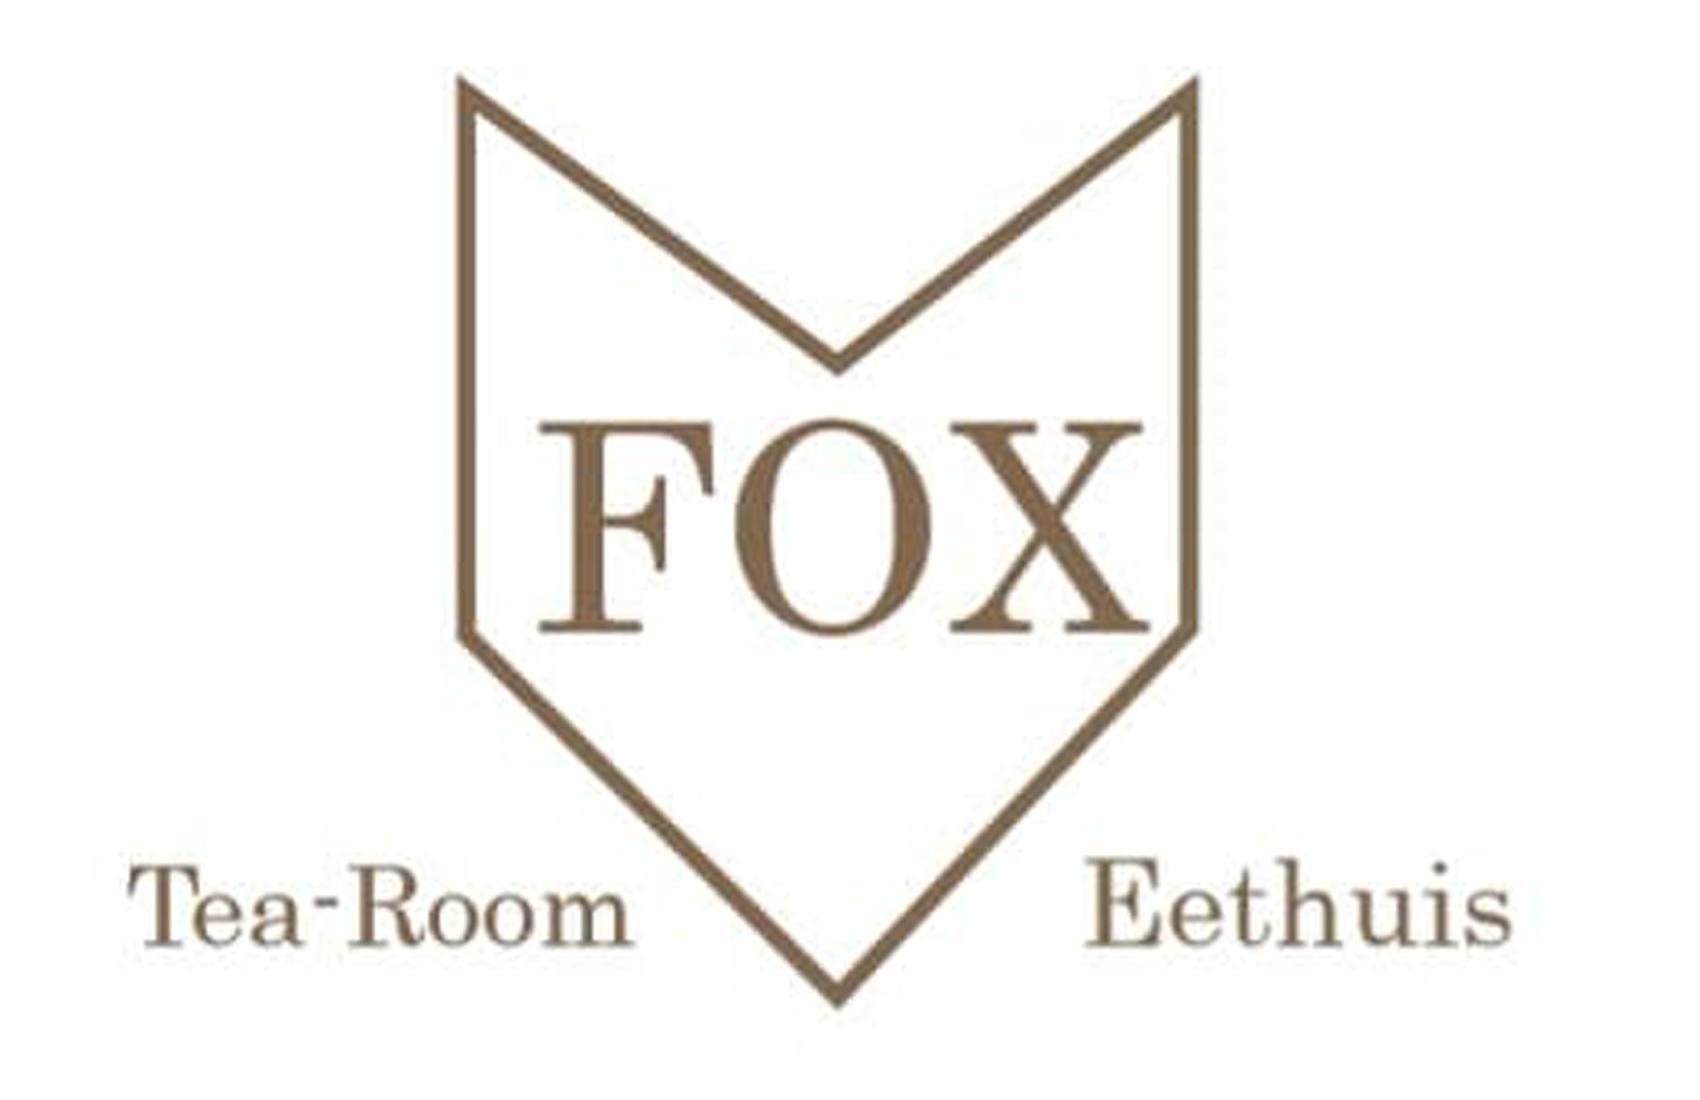 Fox tearoom & eethuis